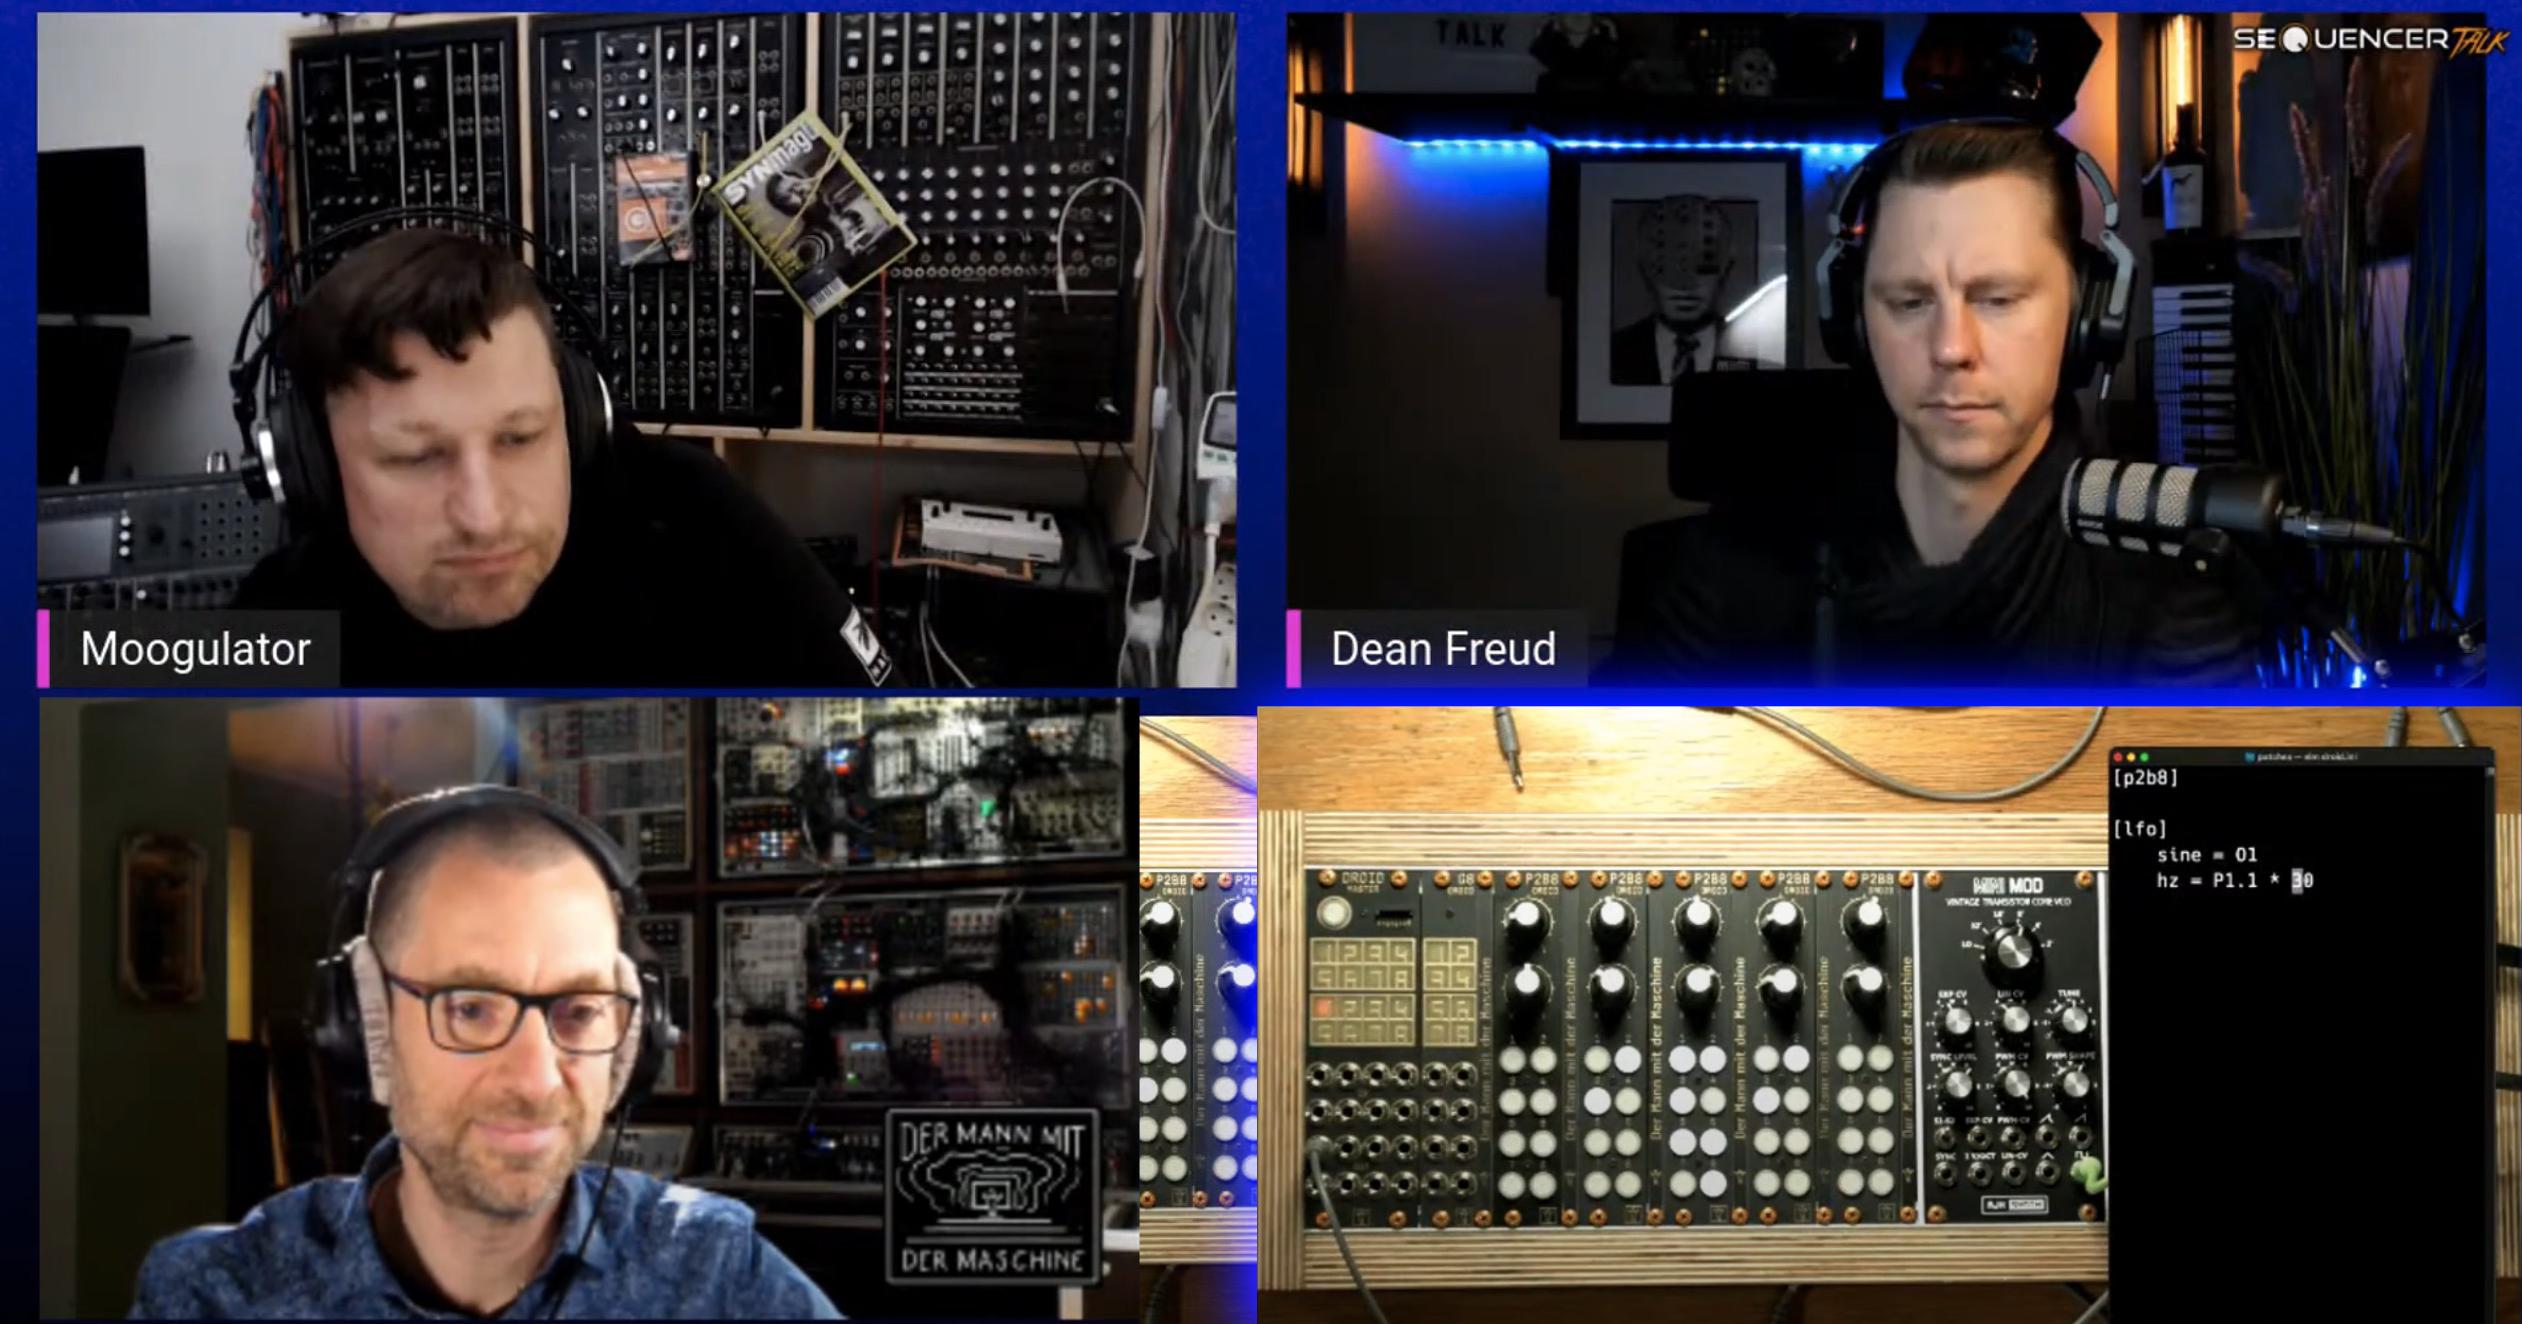 Sequencertalk 89 - Mathias - Droid / Der Mann mit der Maschine